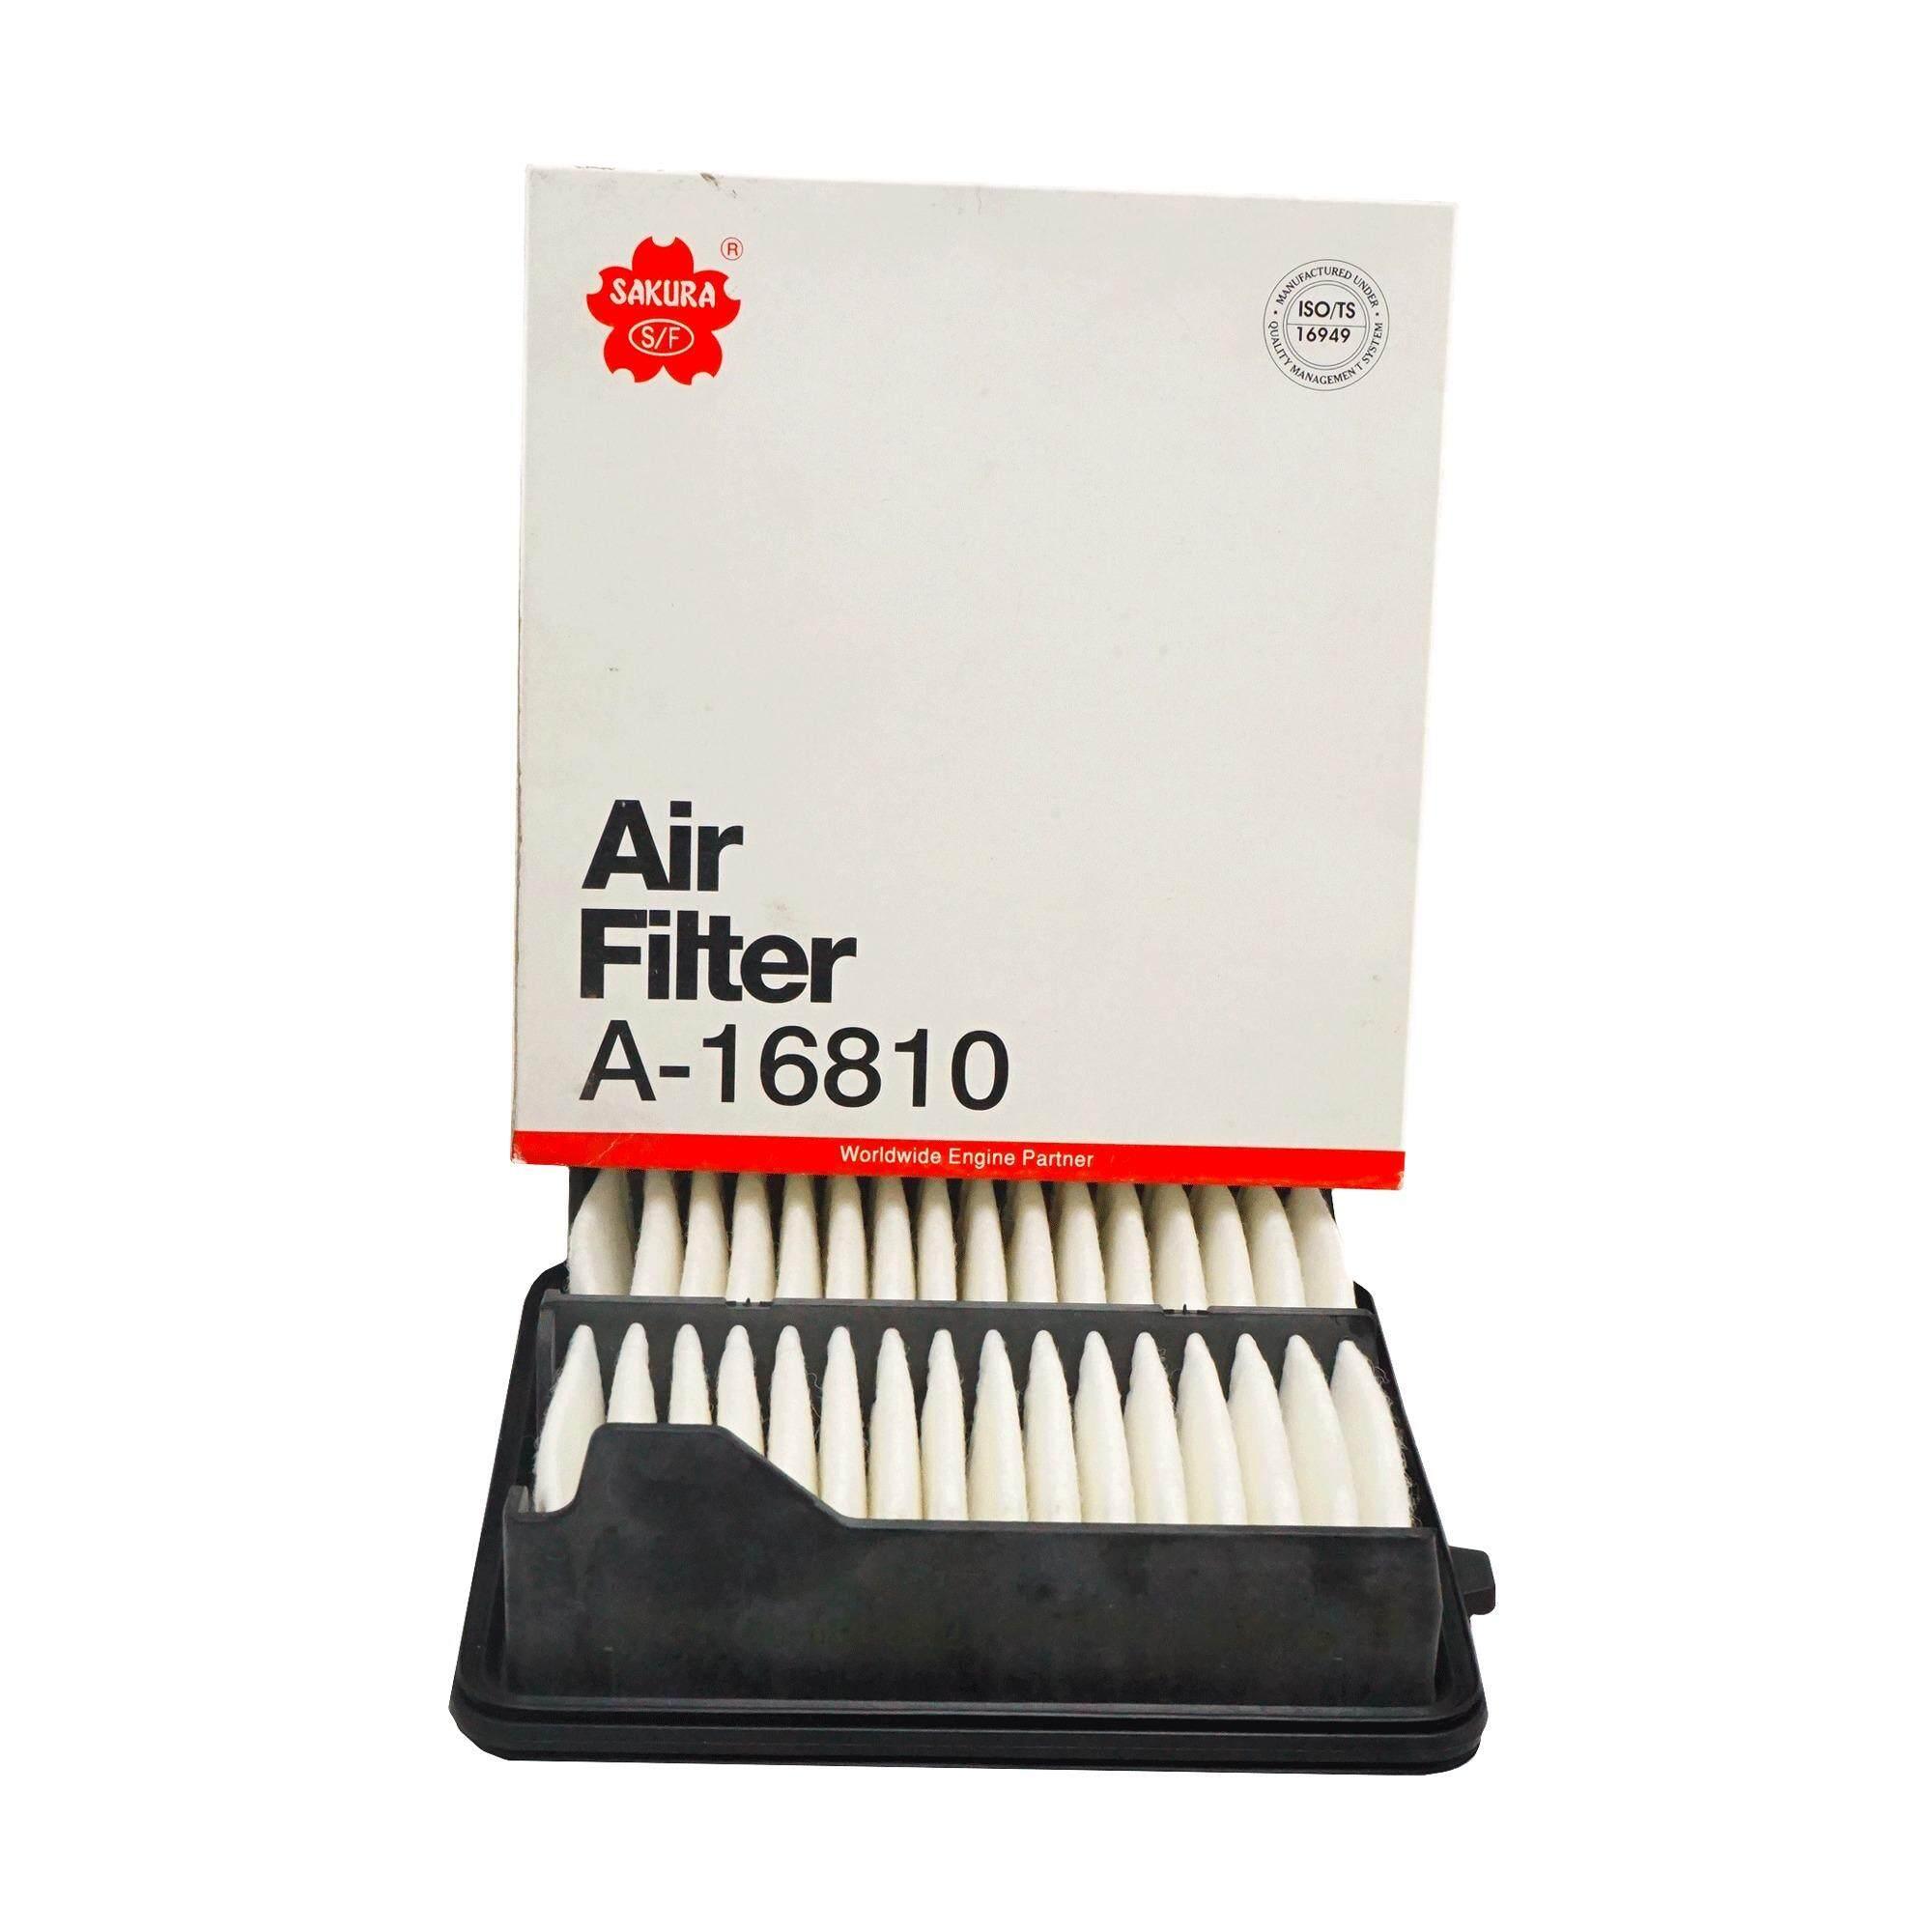 โปรโมชั่น Sakura Air Filter กรองอากาศ Honda Brio Amaze City Jazz Freed 2011 ไทย